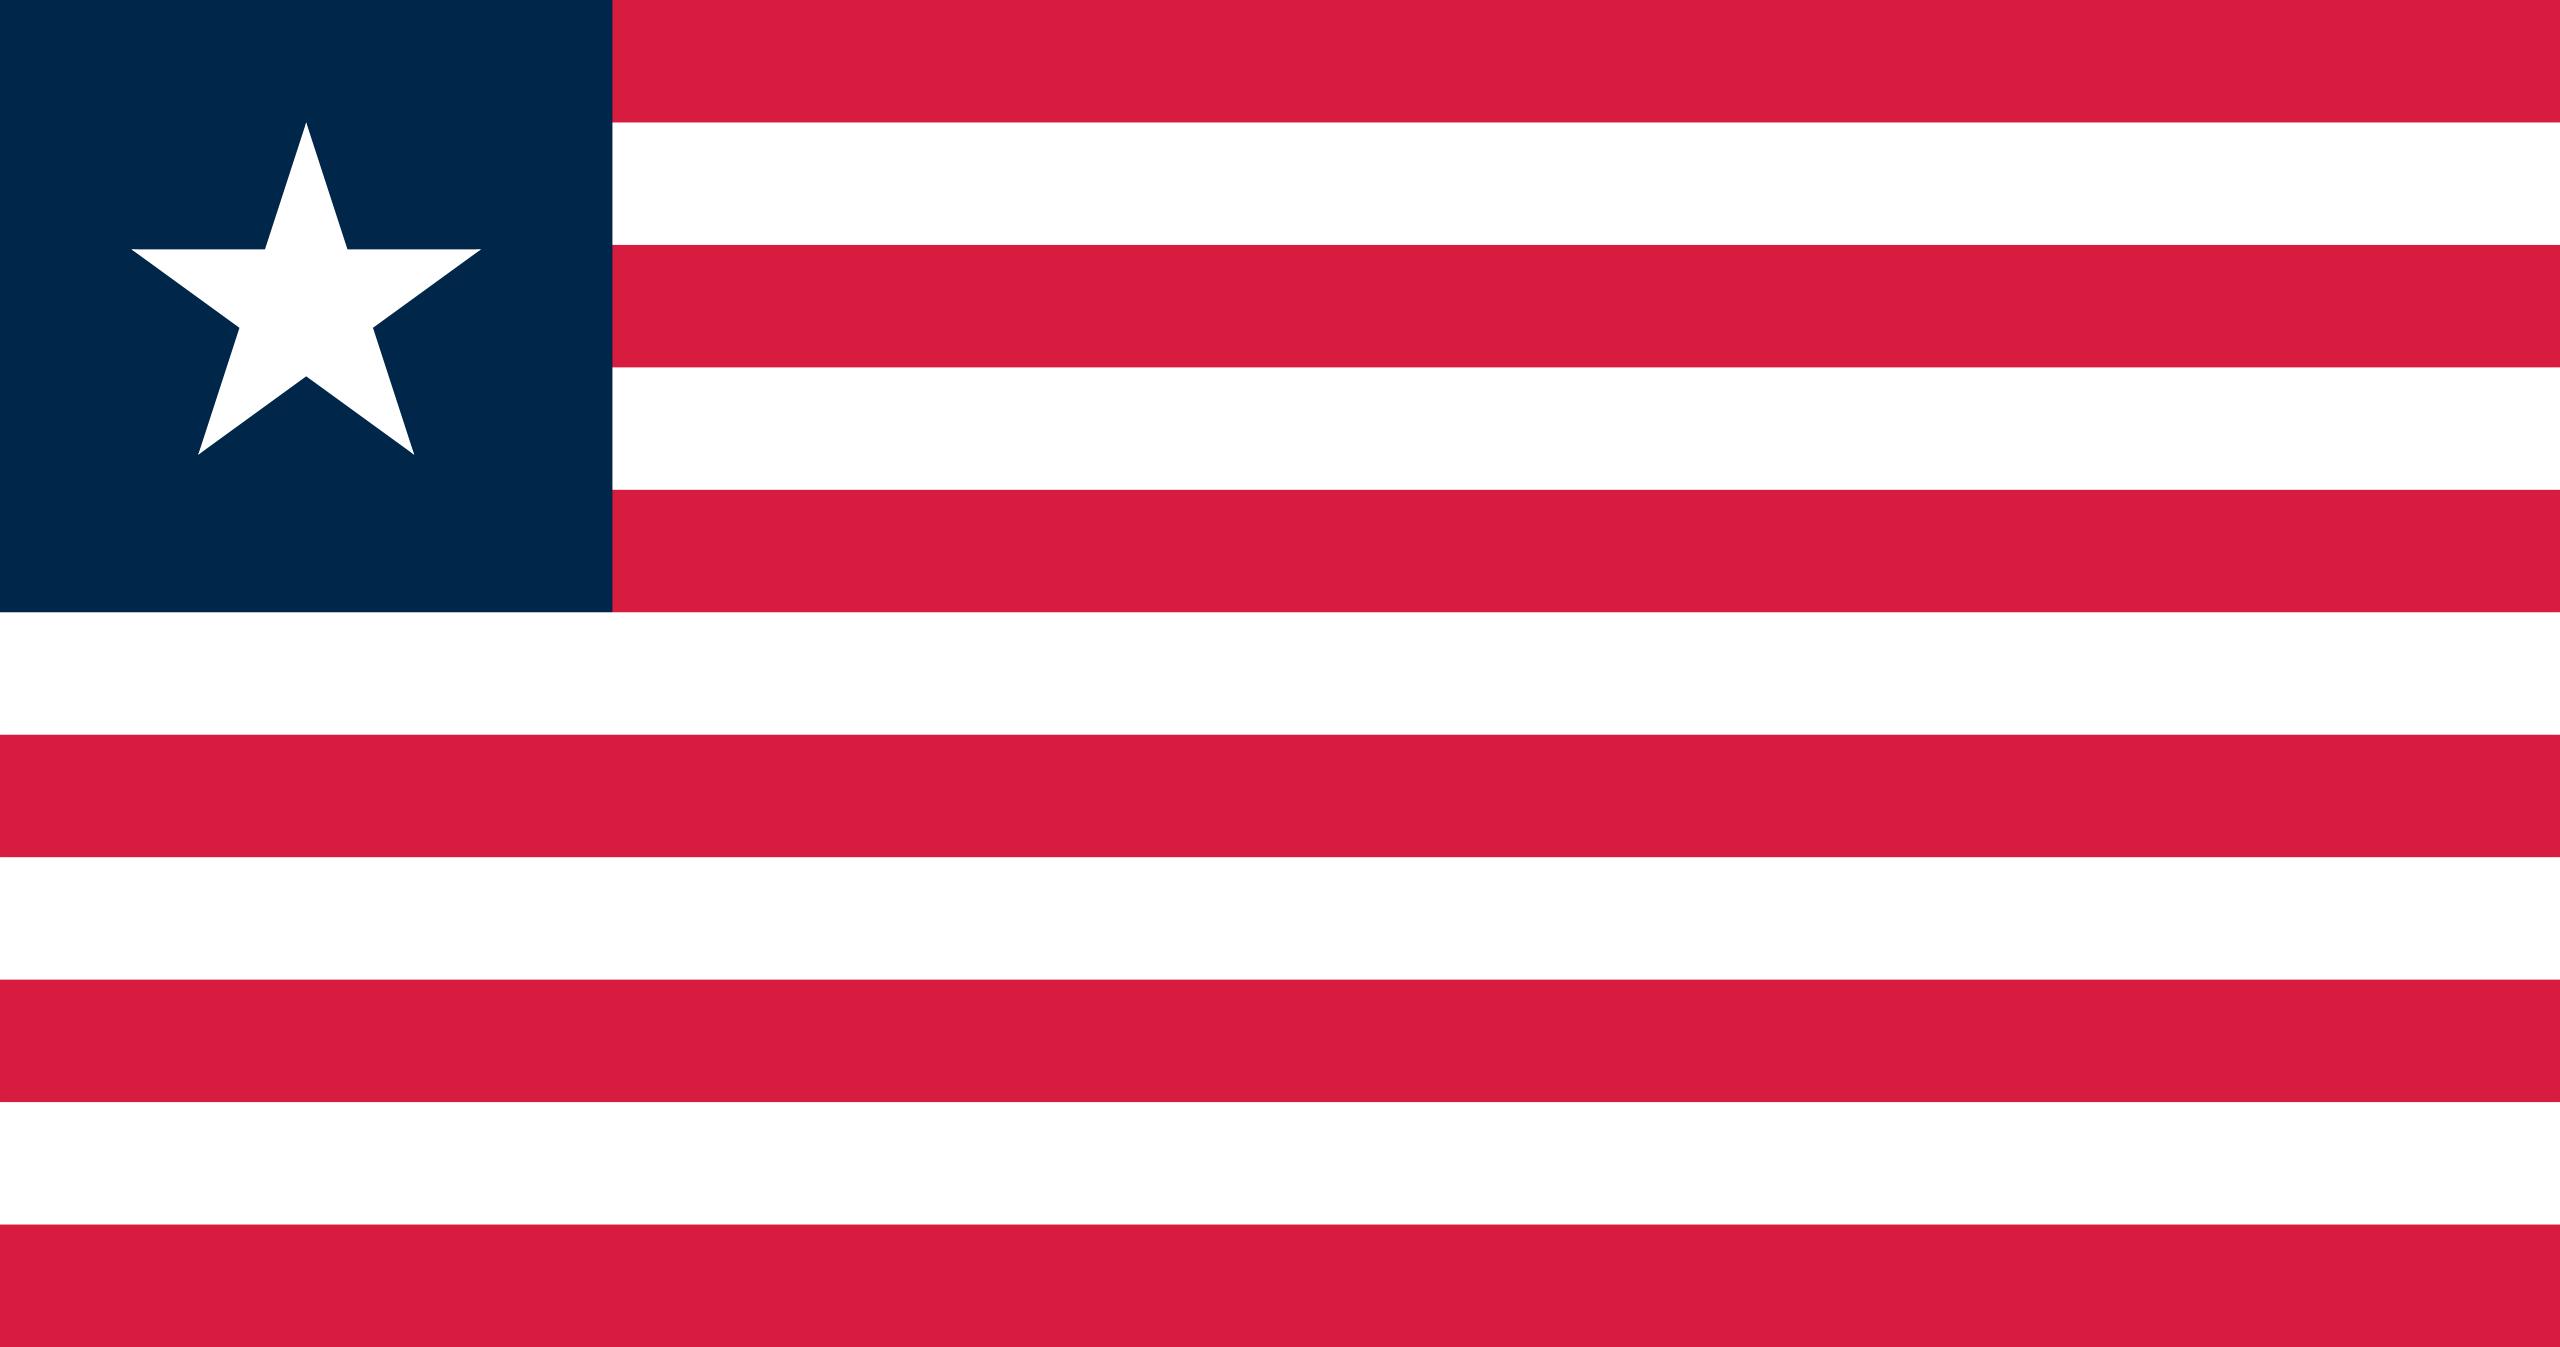 Libéria, pays, emblème, logo, symbole - Fonds d'écran HD - Professor-falken.com